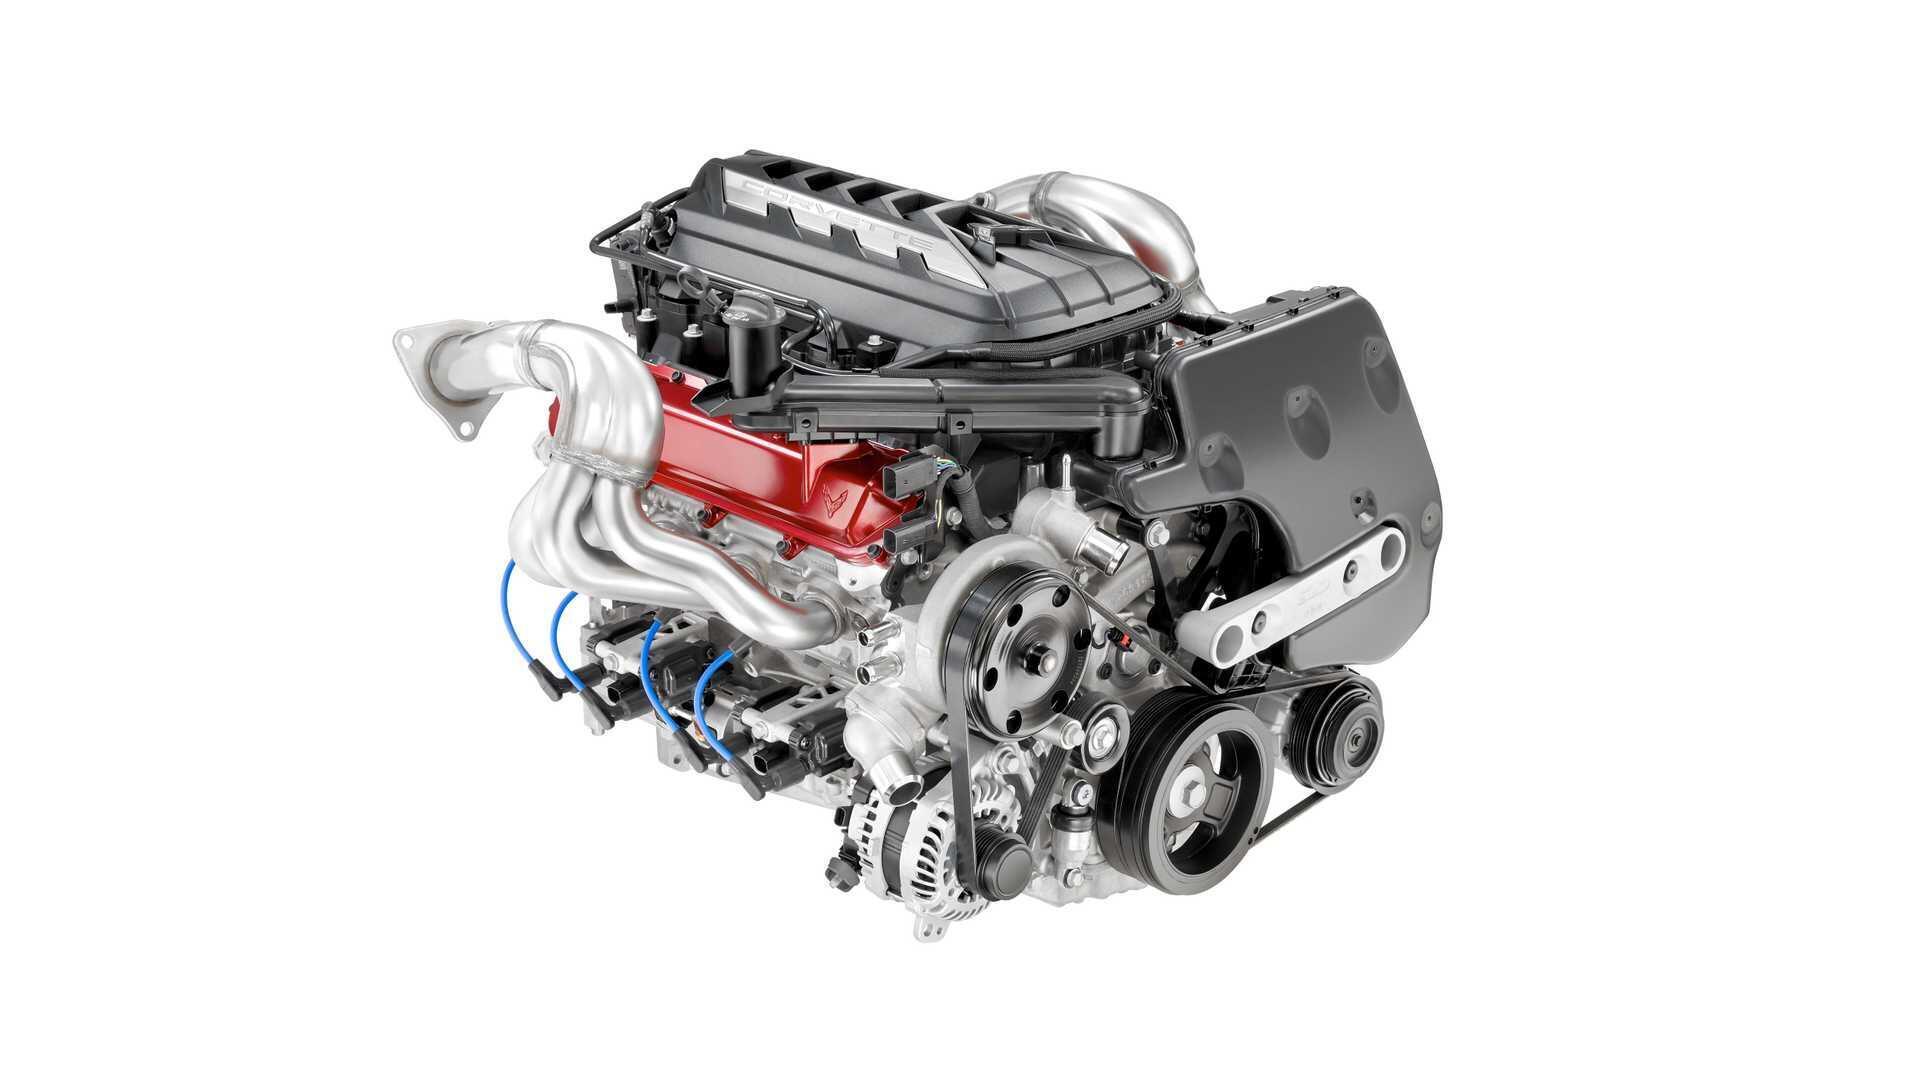 https://cdn.dailyxe.com.vn/image/chevrolet-corvette-2020-co-mot-so-tinh-nang-an-tuyet-voi-92-94594j2.jpg